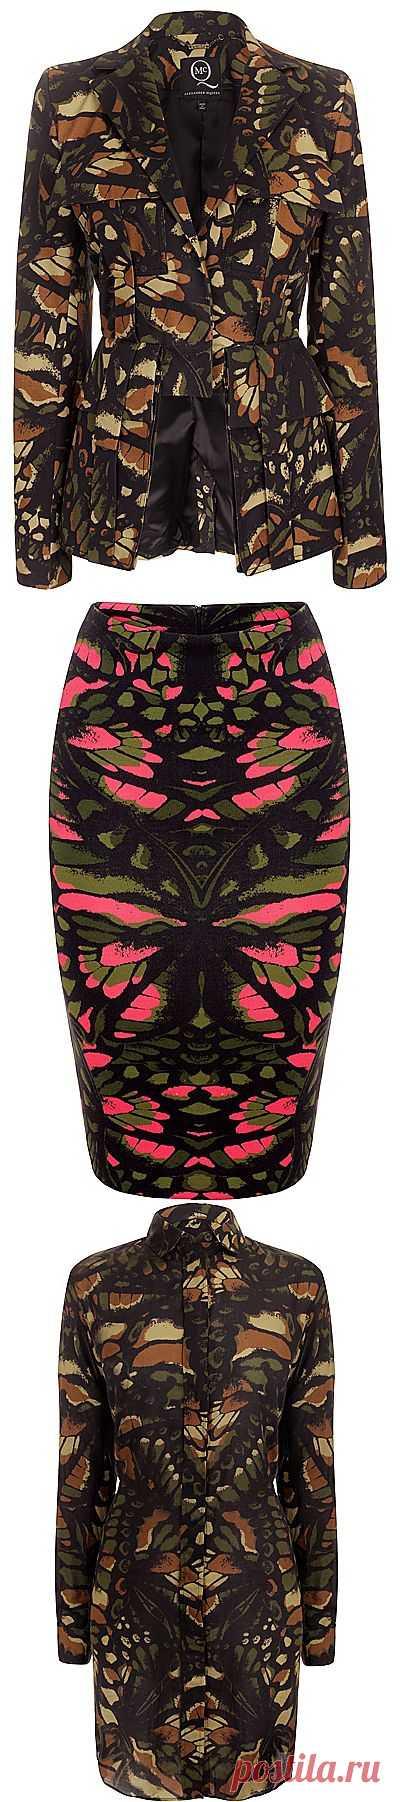 Alexander McQueen - женский камуфляж (трафик) / Рисунки и надписи / Модный сайт о стильной переделке одежды и интерьера